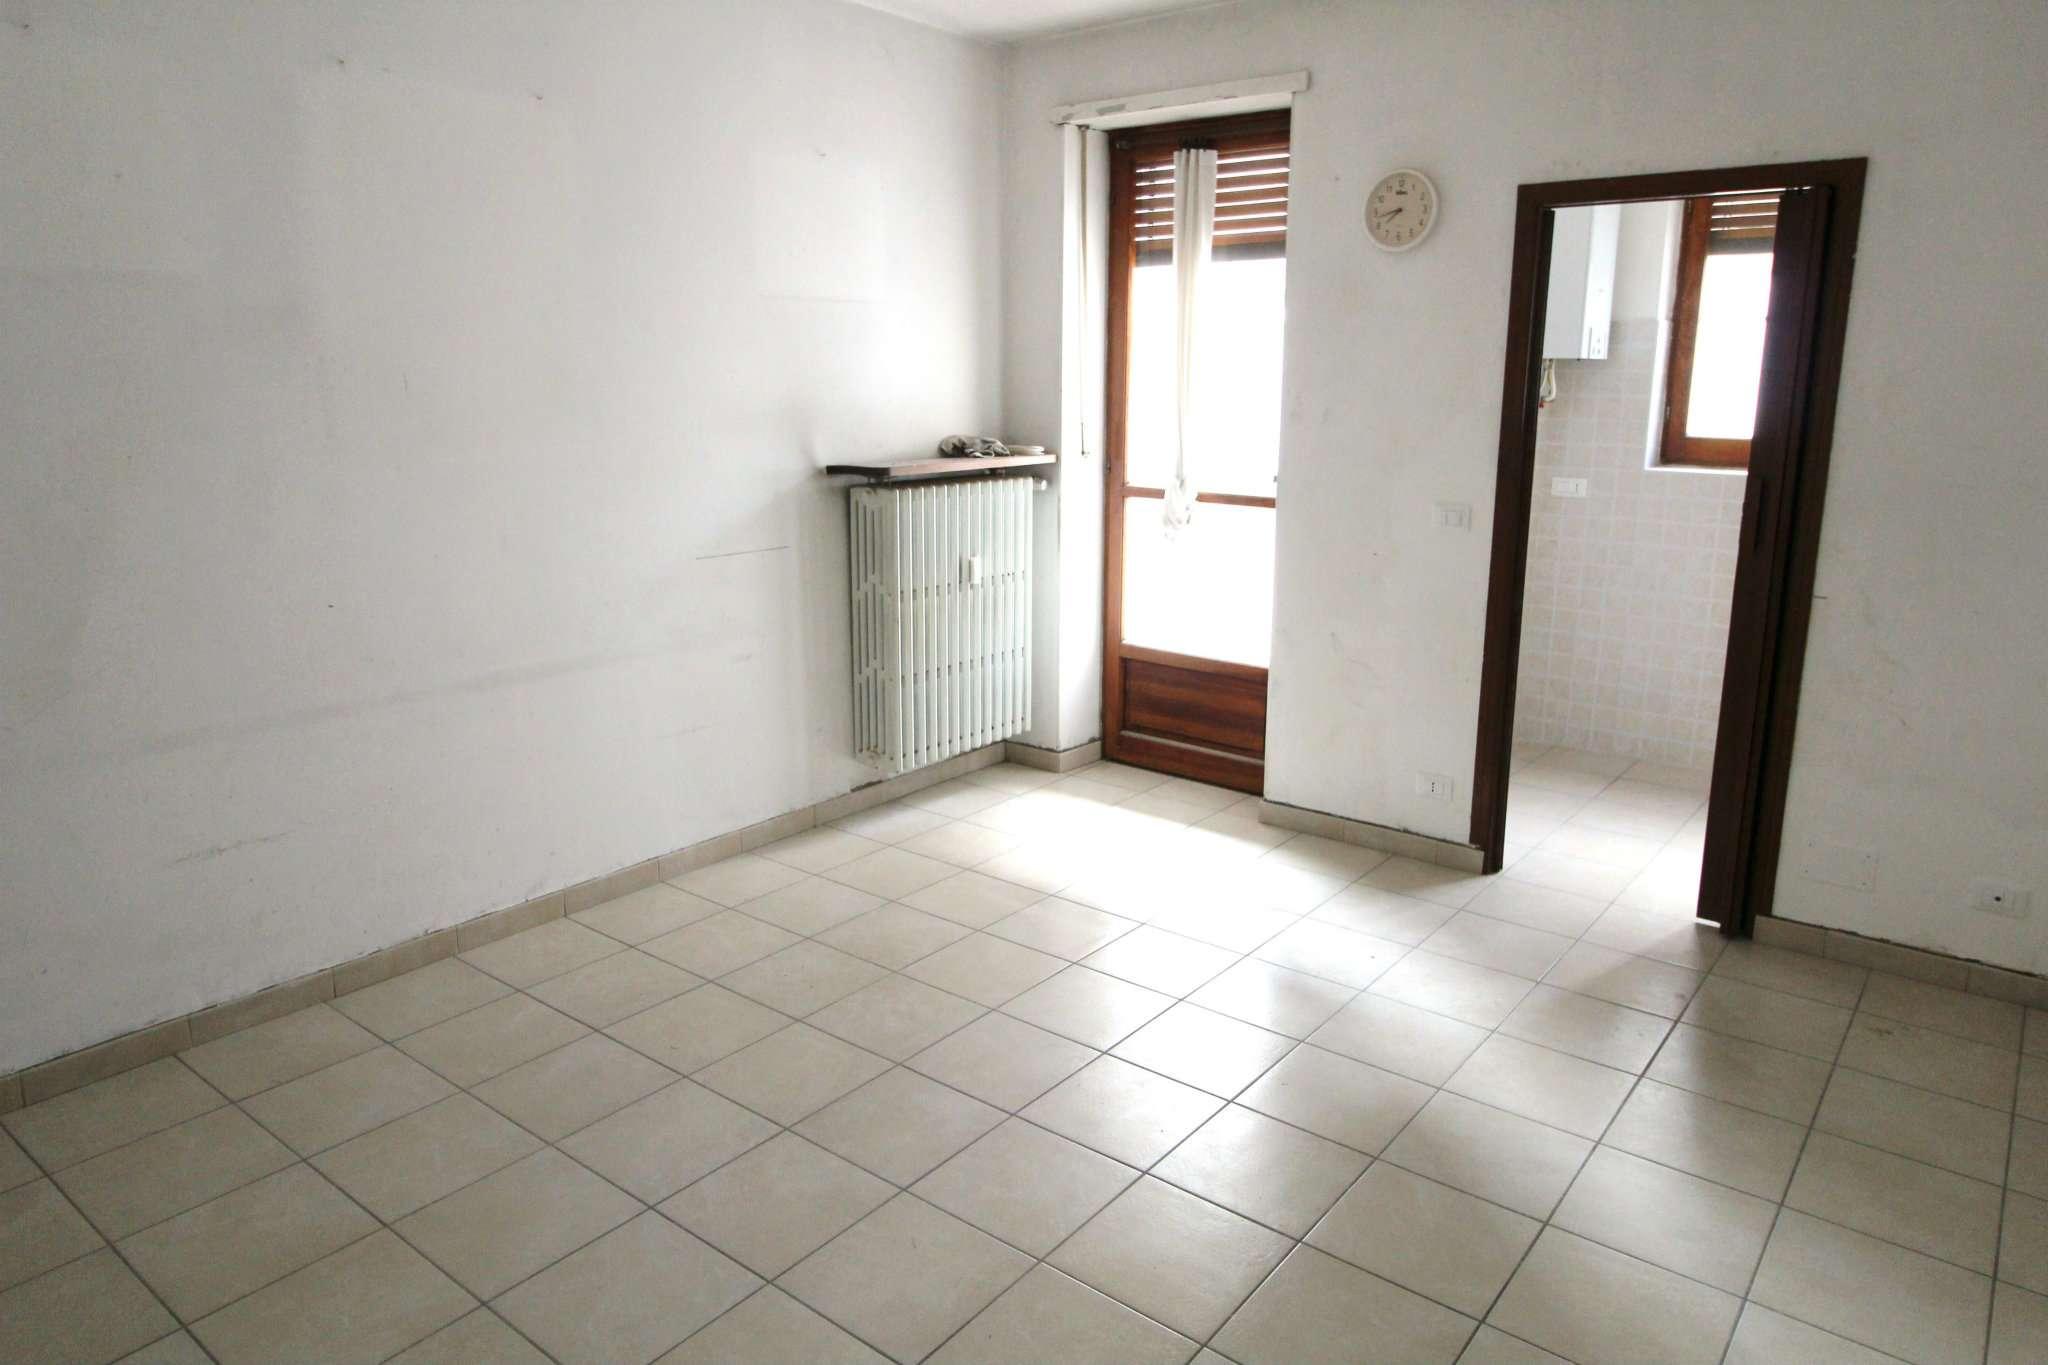 Appartamento in affitto a None, 2 locali, prezzo € 350 | CambioCasa.it